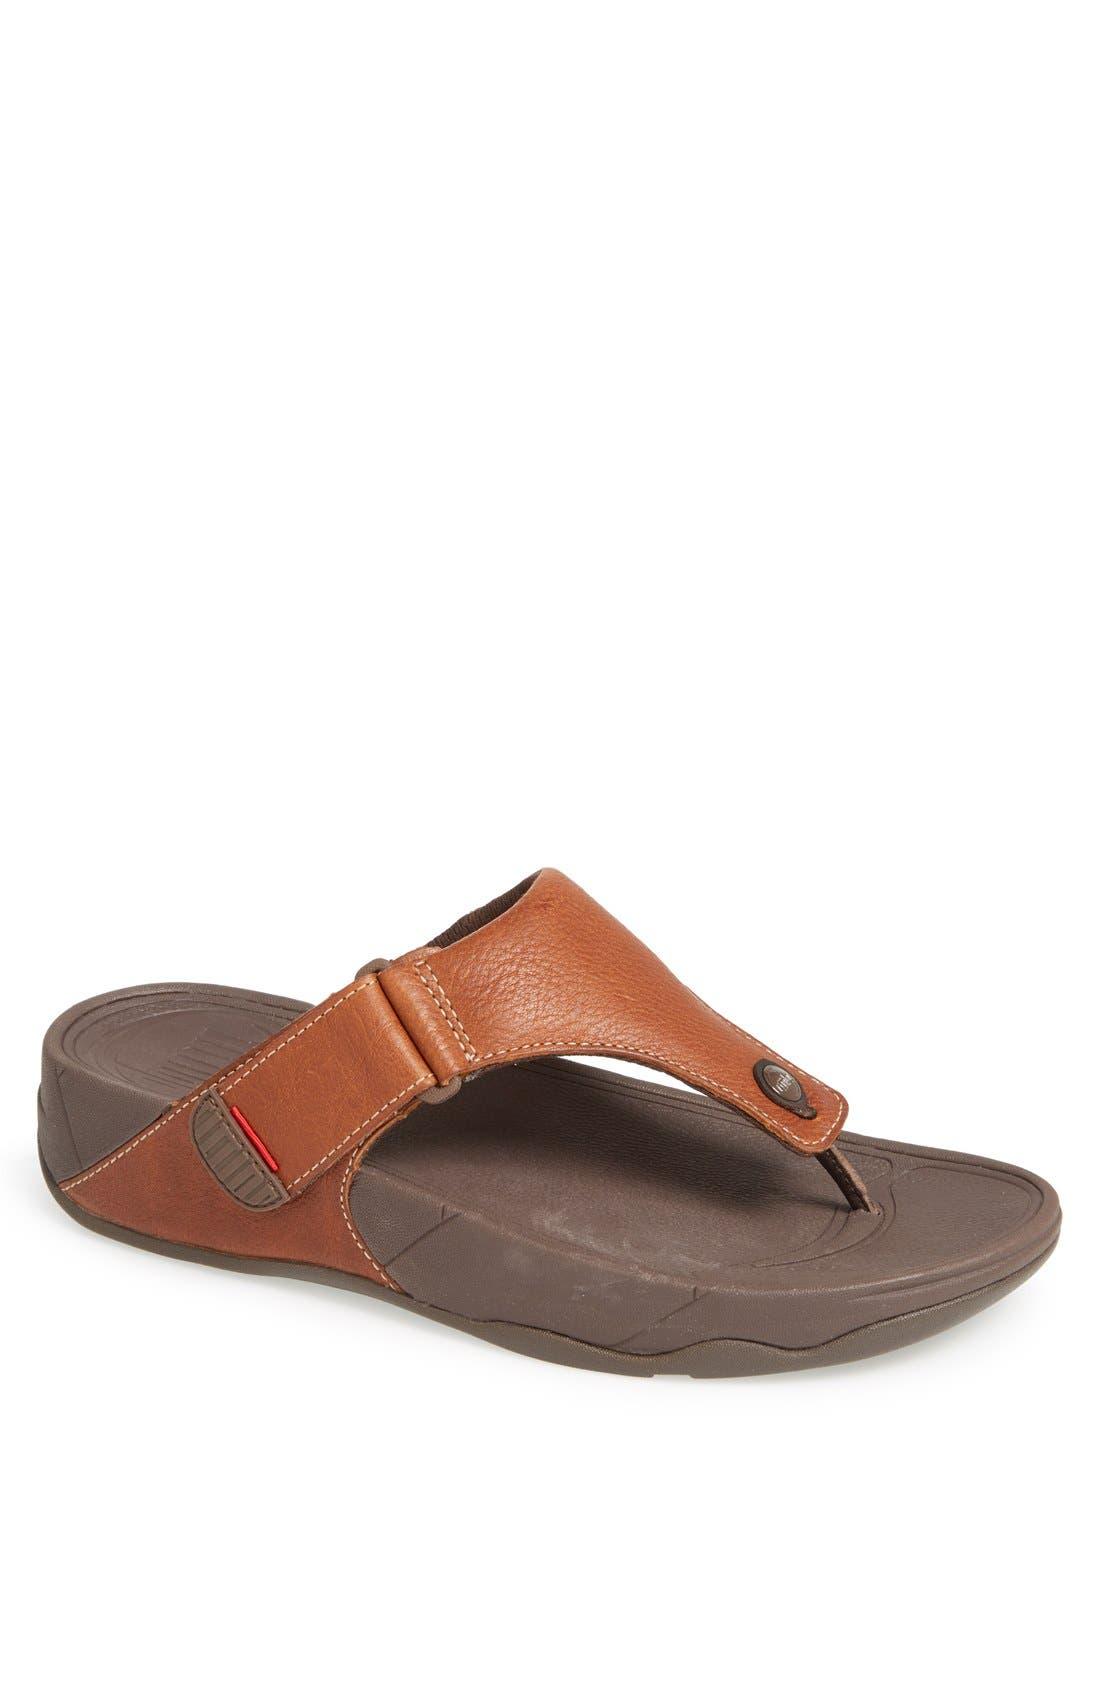 FITFLOP 'Trakk™ II' Sandal